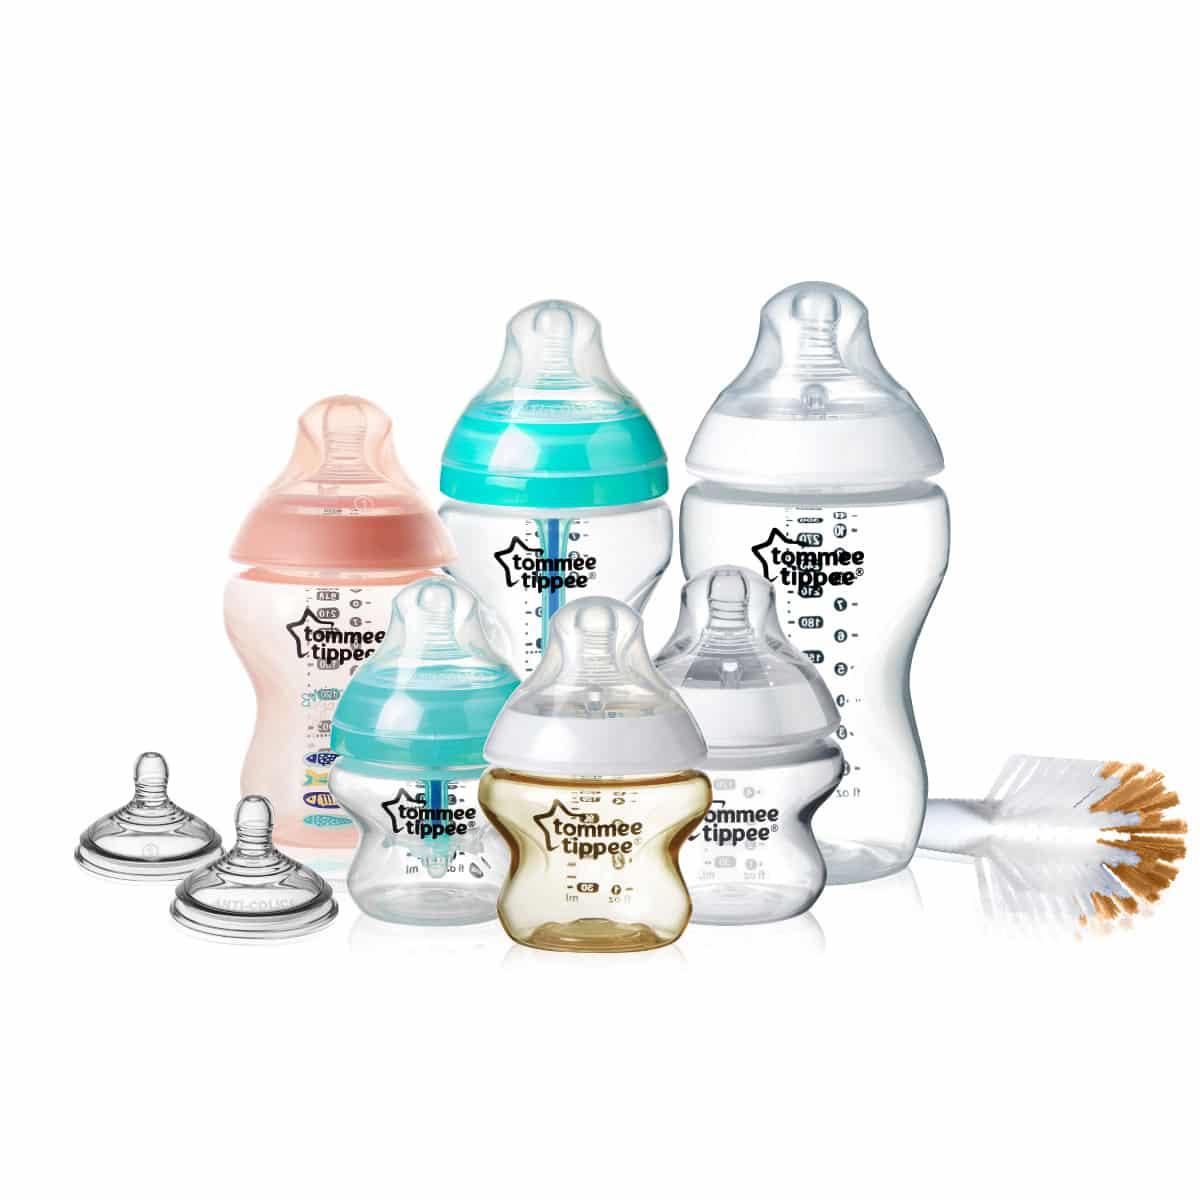 (Tư vấn) Bình sữa cho bé nào tốt nhất (2021): Tommee Tippee, Pigeon hay Philips Avent?